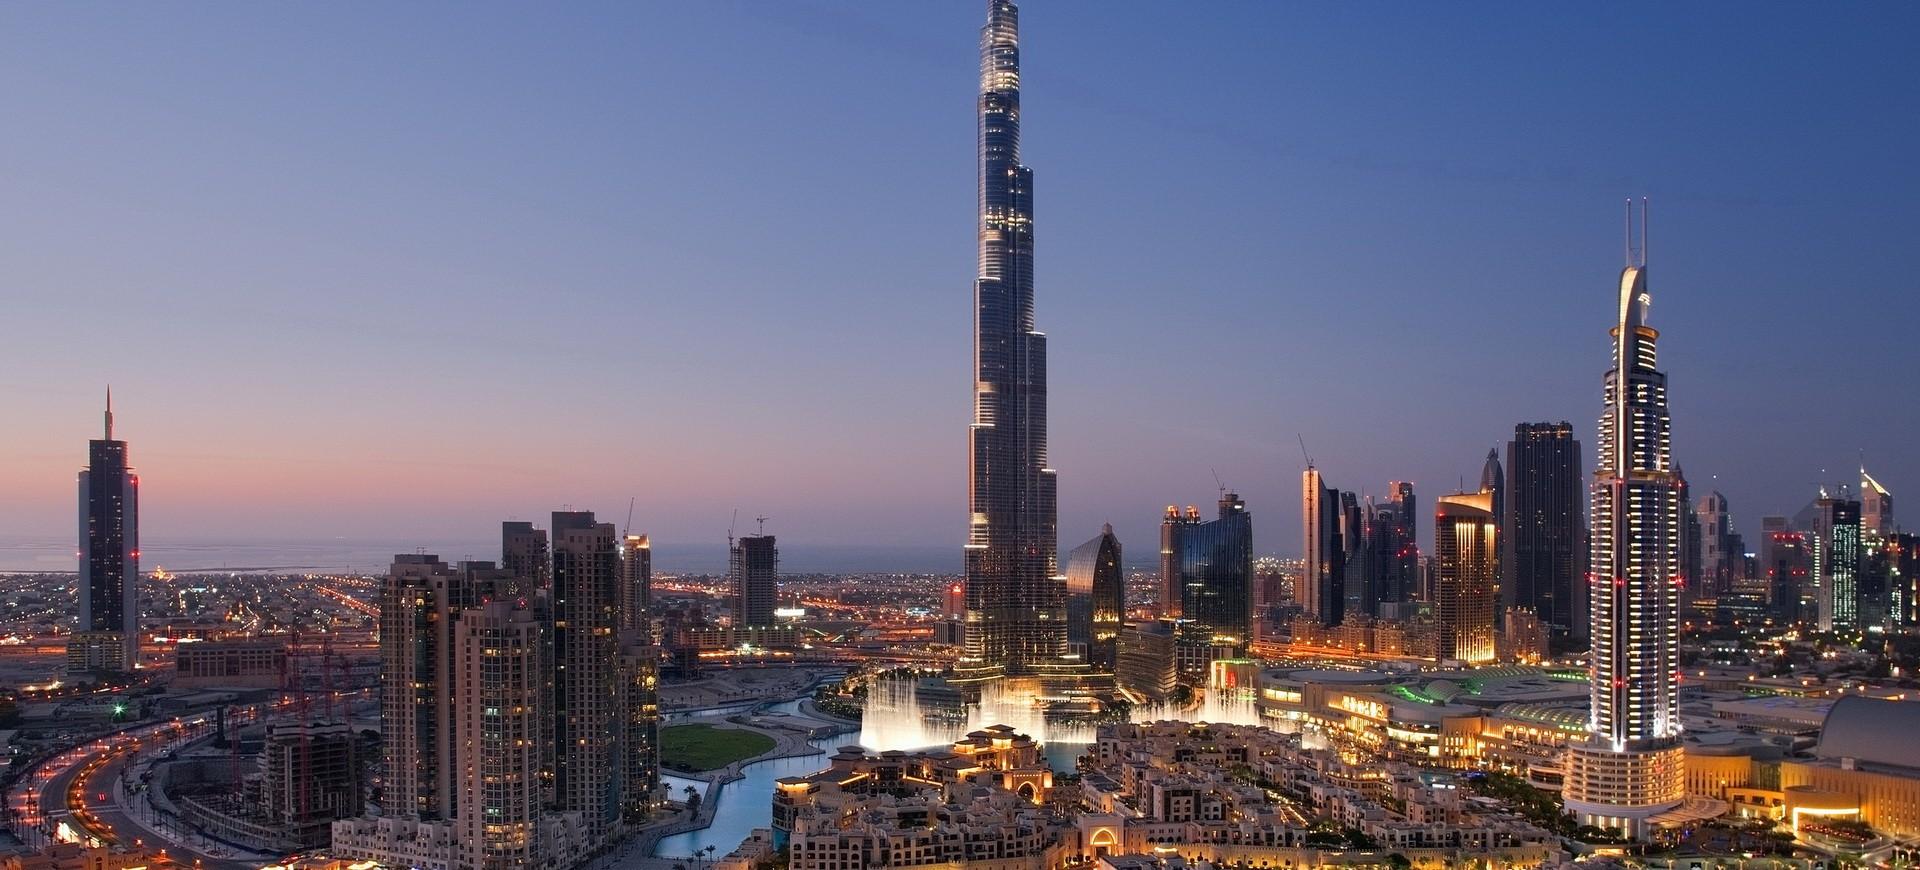 Emirats Arabes Unis Dubai Désert 002